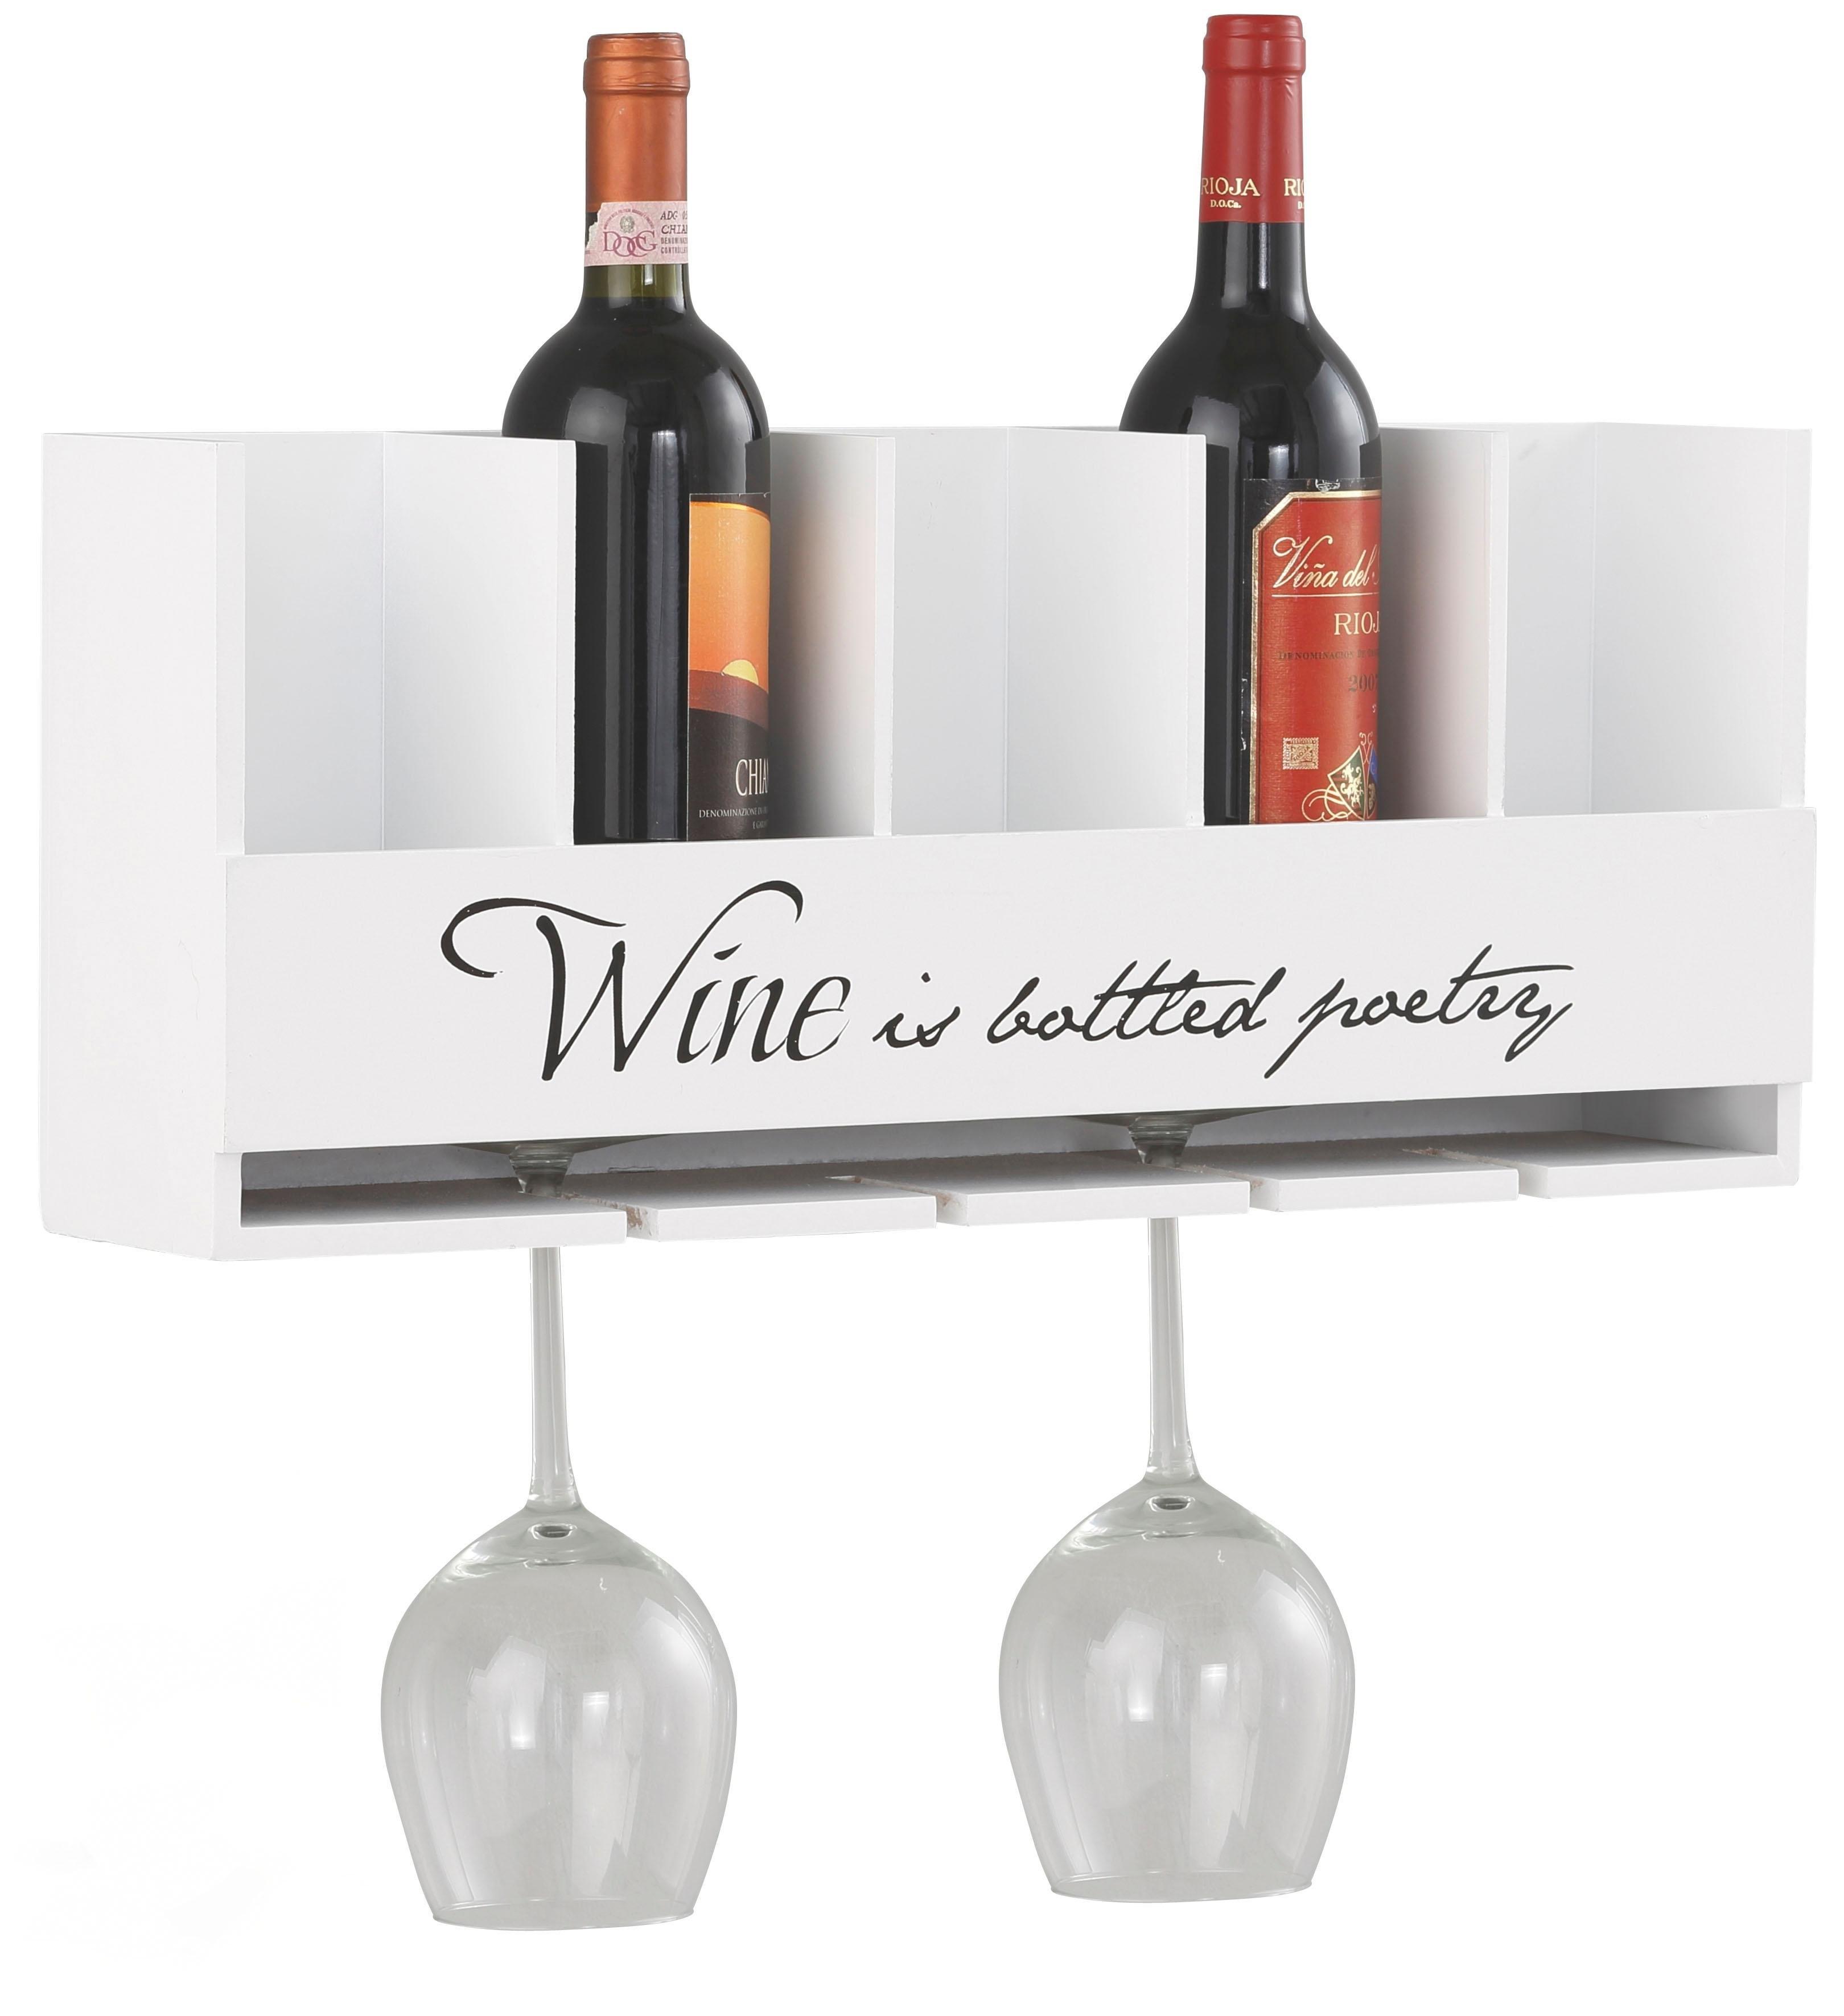 manden online kopen kan je eenvoudig in onze shop otto. Black Bedroom Furniture Sets. Home Design Ideas